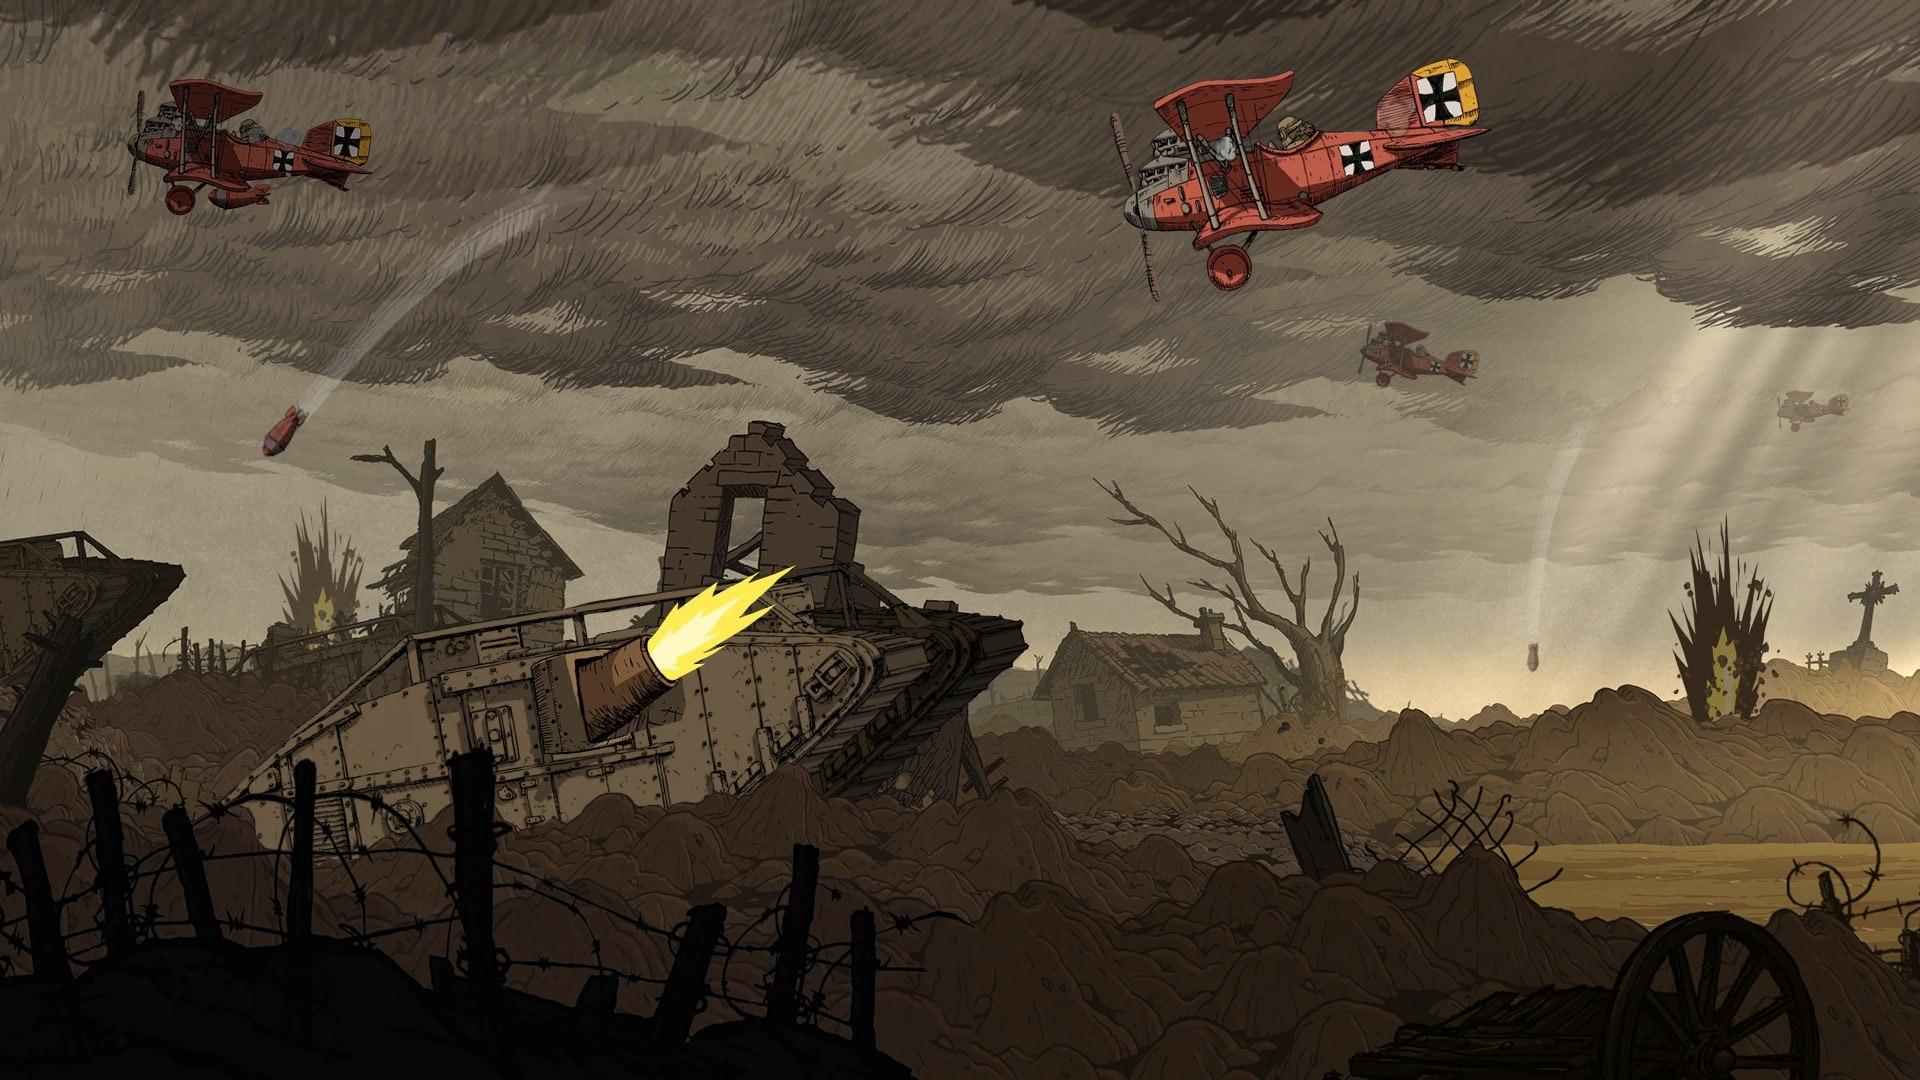 اکانت اریجینال یوپلی بازی Valiant Hearts: The Great War | با ایمیل اکانت